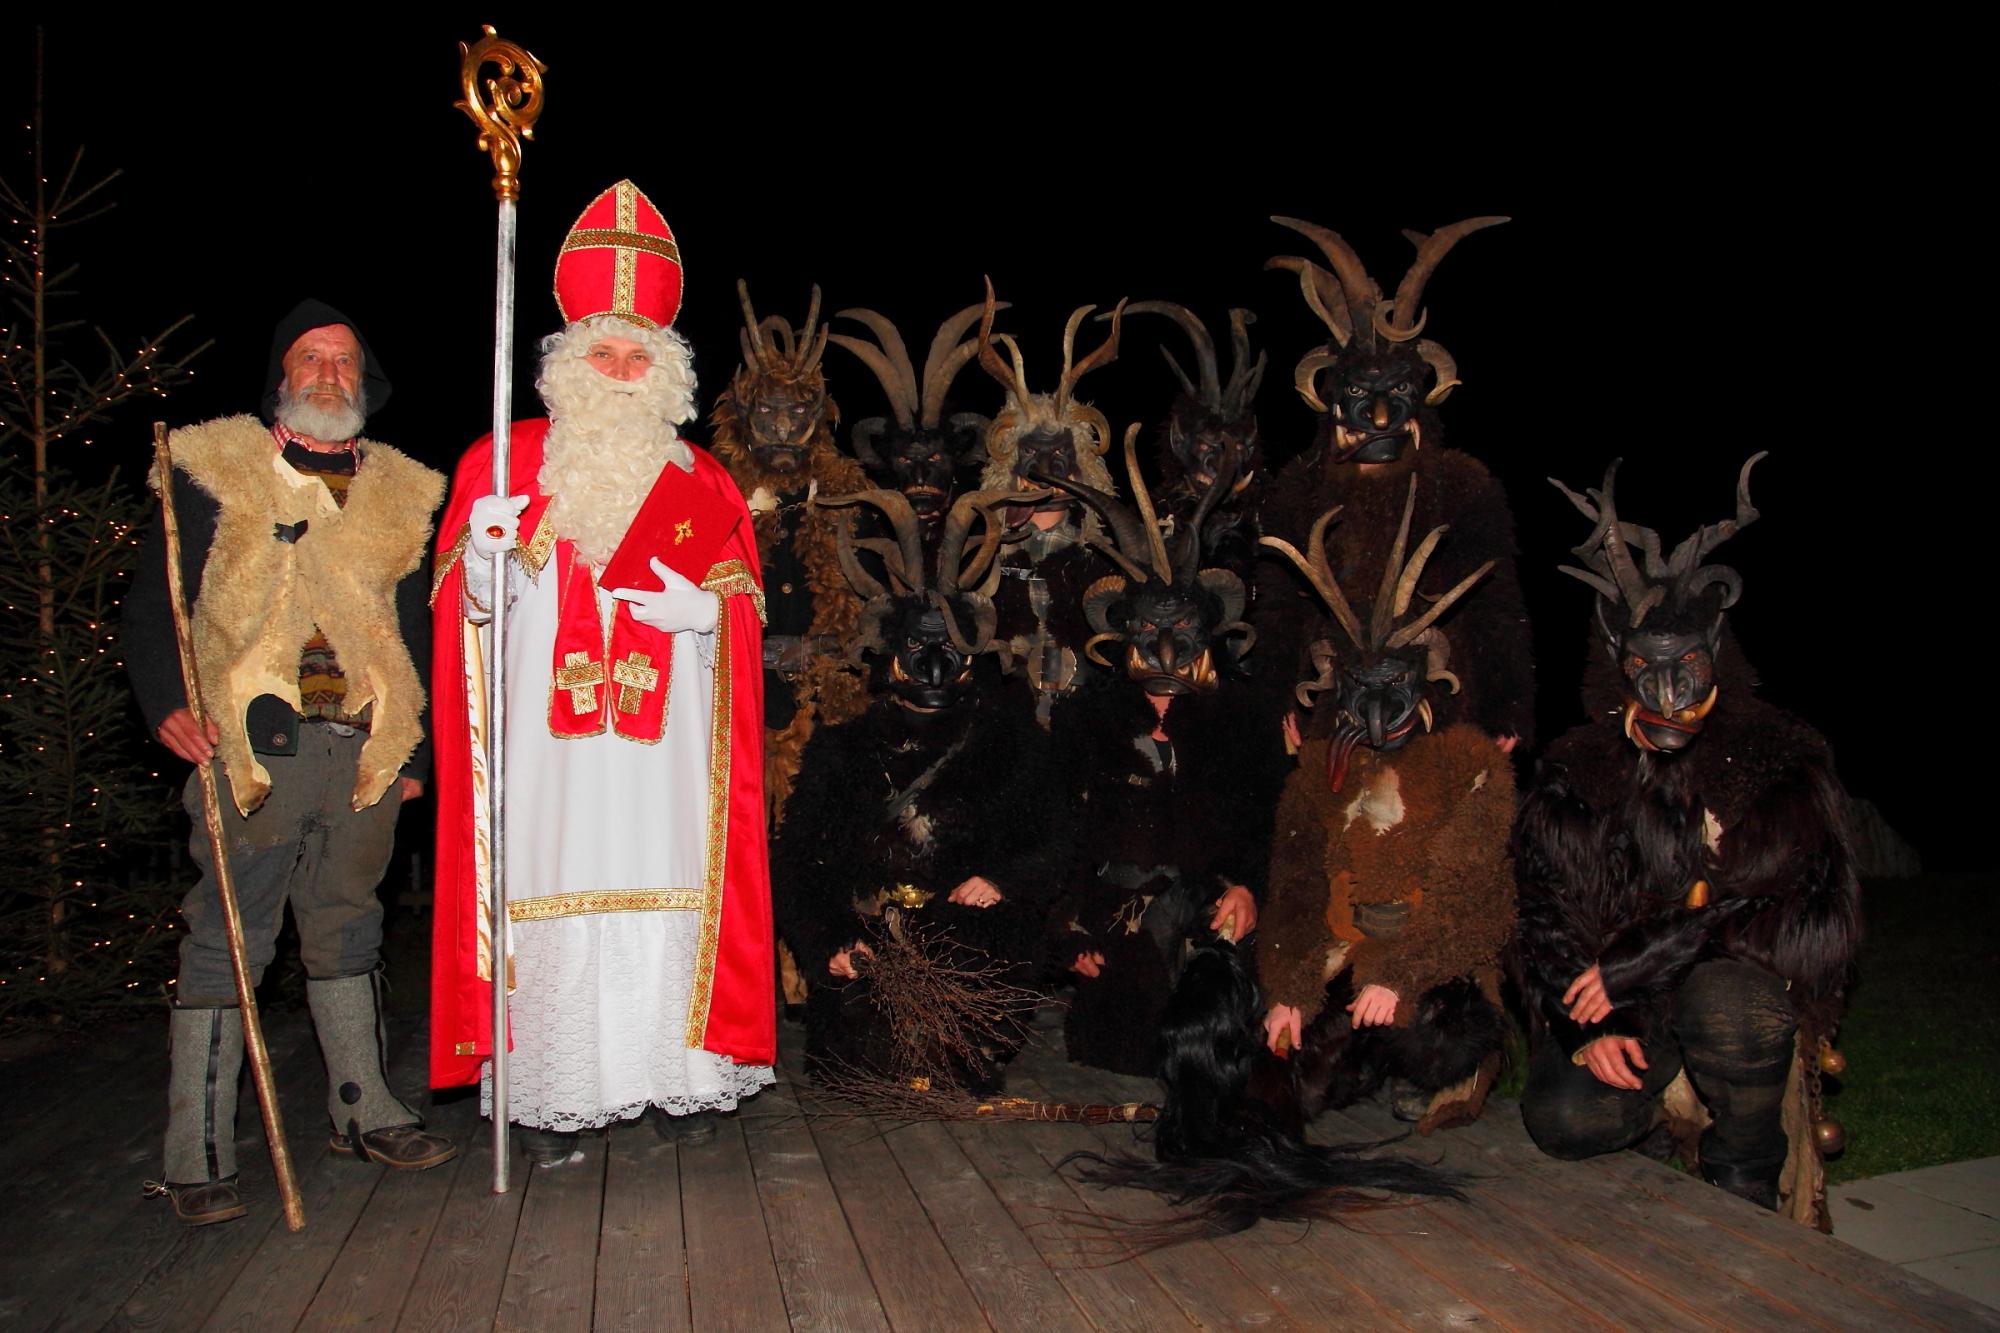 Nikolaus und Krampus am Adventmarkt im Großarltal